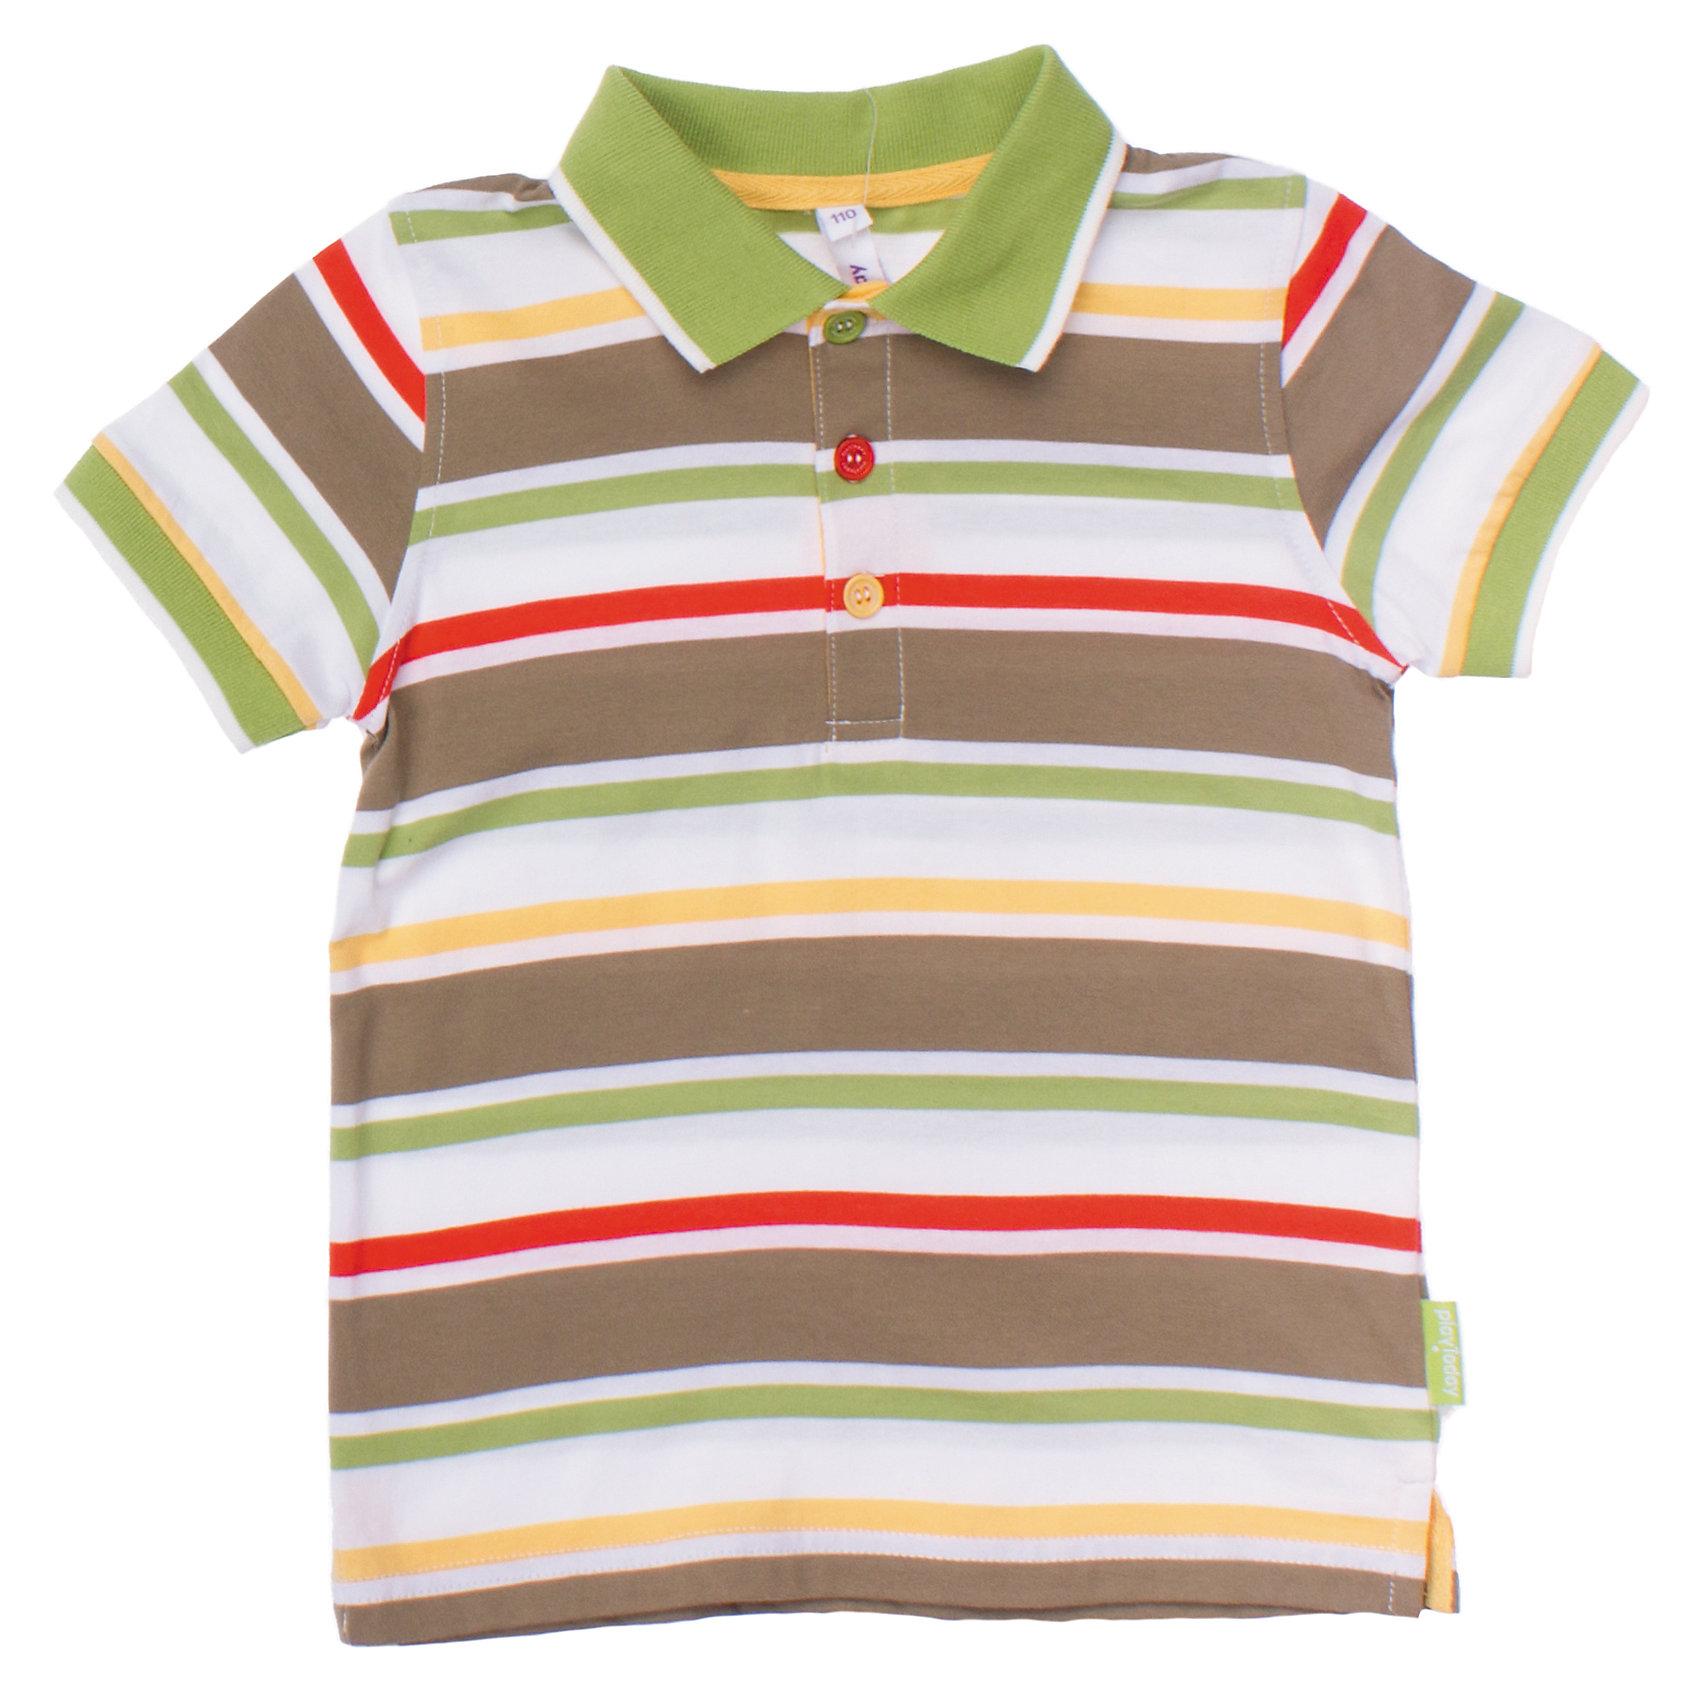 Футболка для мальчика PlayTodayМягкая футболка-поло в полоску. Воротник застегивается на три цветные пуговки. Рукава на резинке. Состав: 100% хлопок<br><br>Ширина мм: 199<br>Глубина мм: 10<br>Высота мм: 161<br>Вес г: 151<br>Цвет: белый<br>Возраст от месяцев: 60<br>Возраст до месяцев: 72<br>Пол: Мужской<br>Возраст: Детский<br>Размер: 116,104,122,98,128,110<br>SKU: 4652463